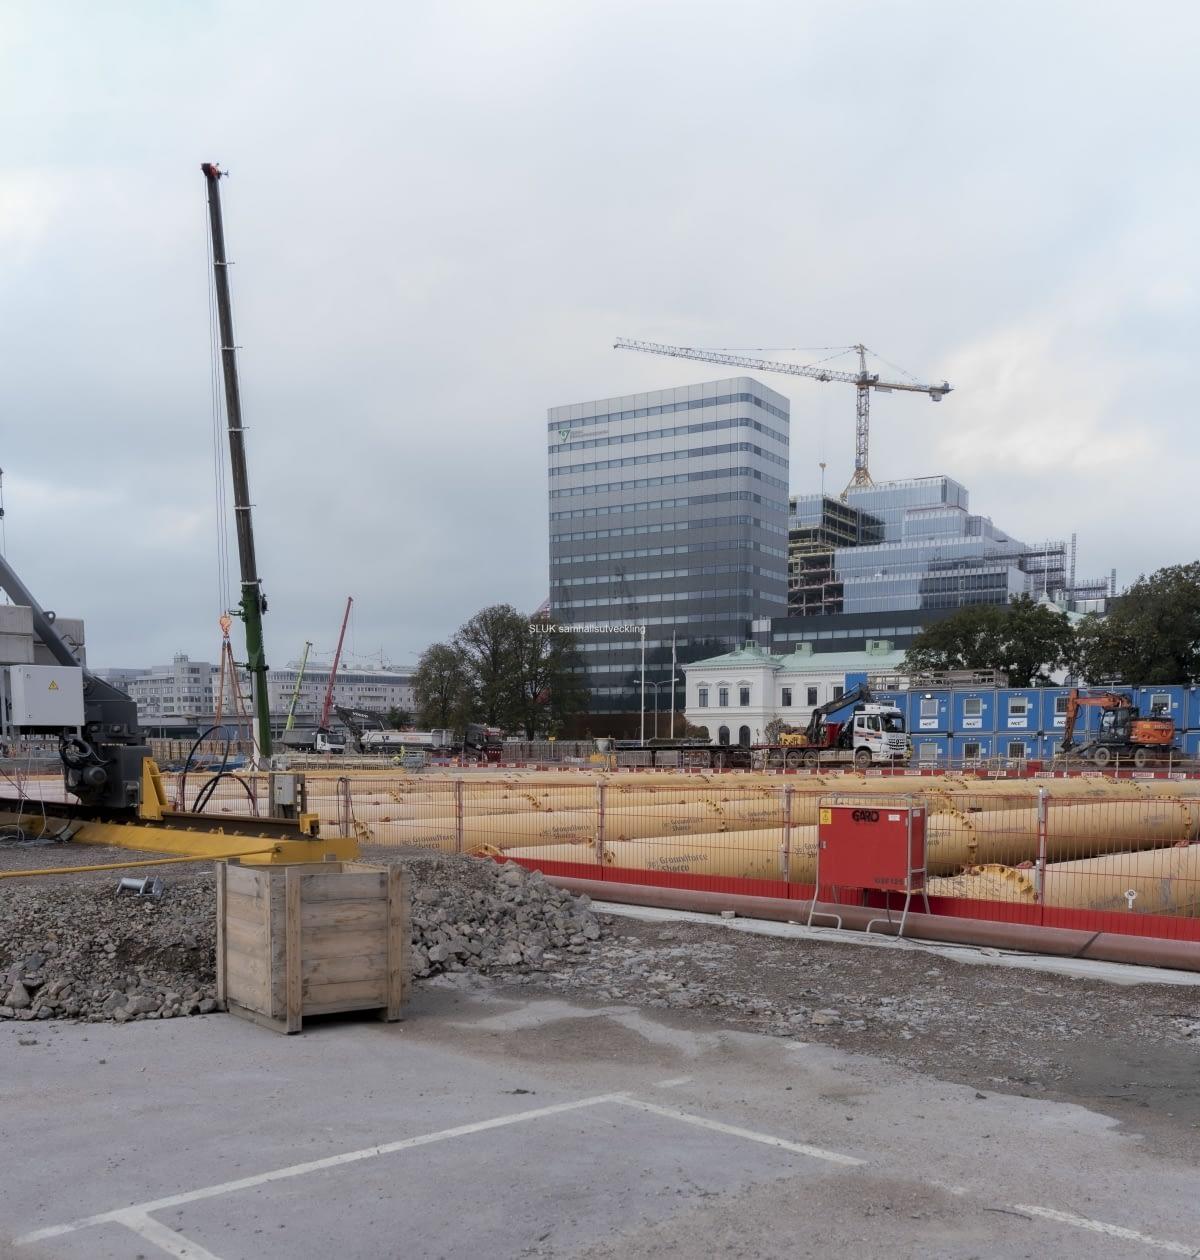 En bild från Västra etableringen, som finns närmast centralen.